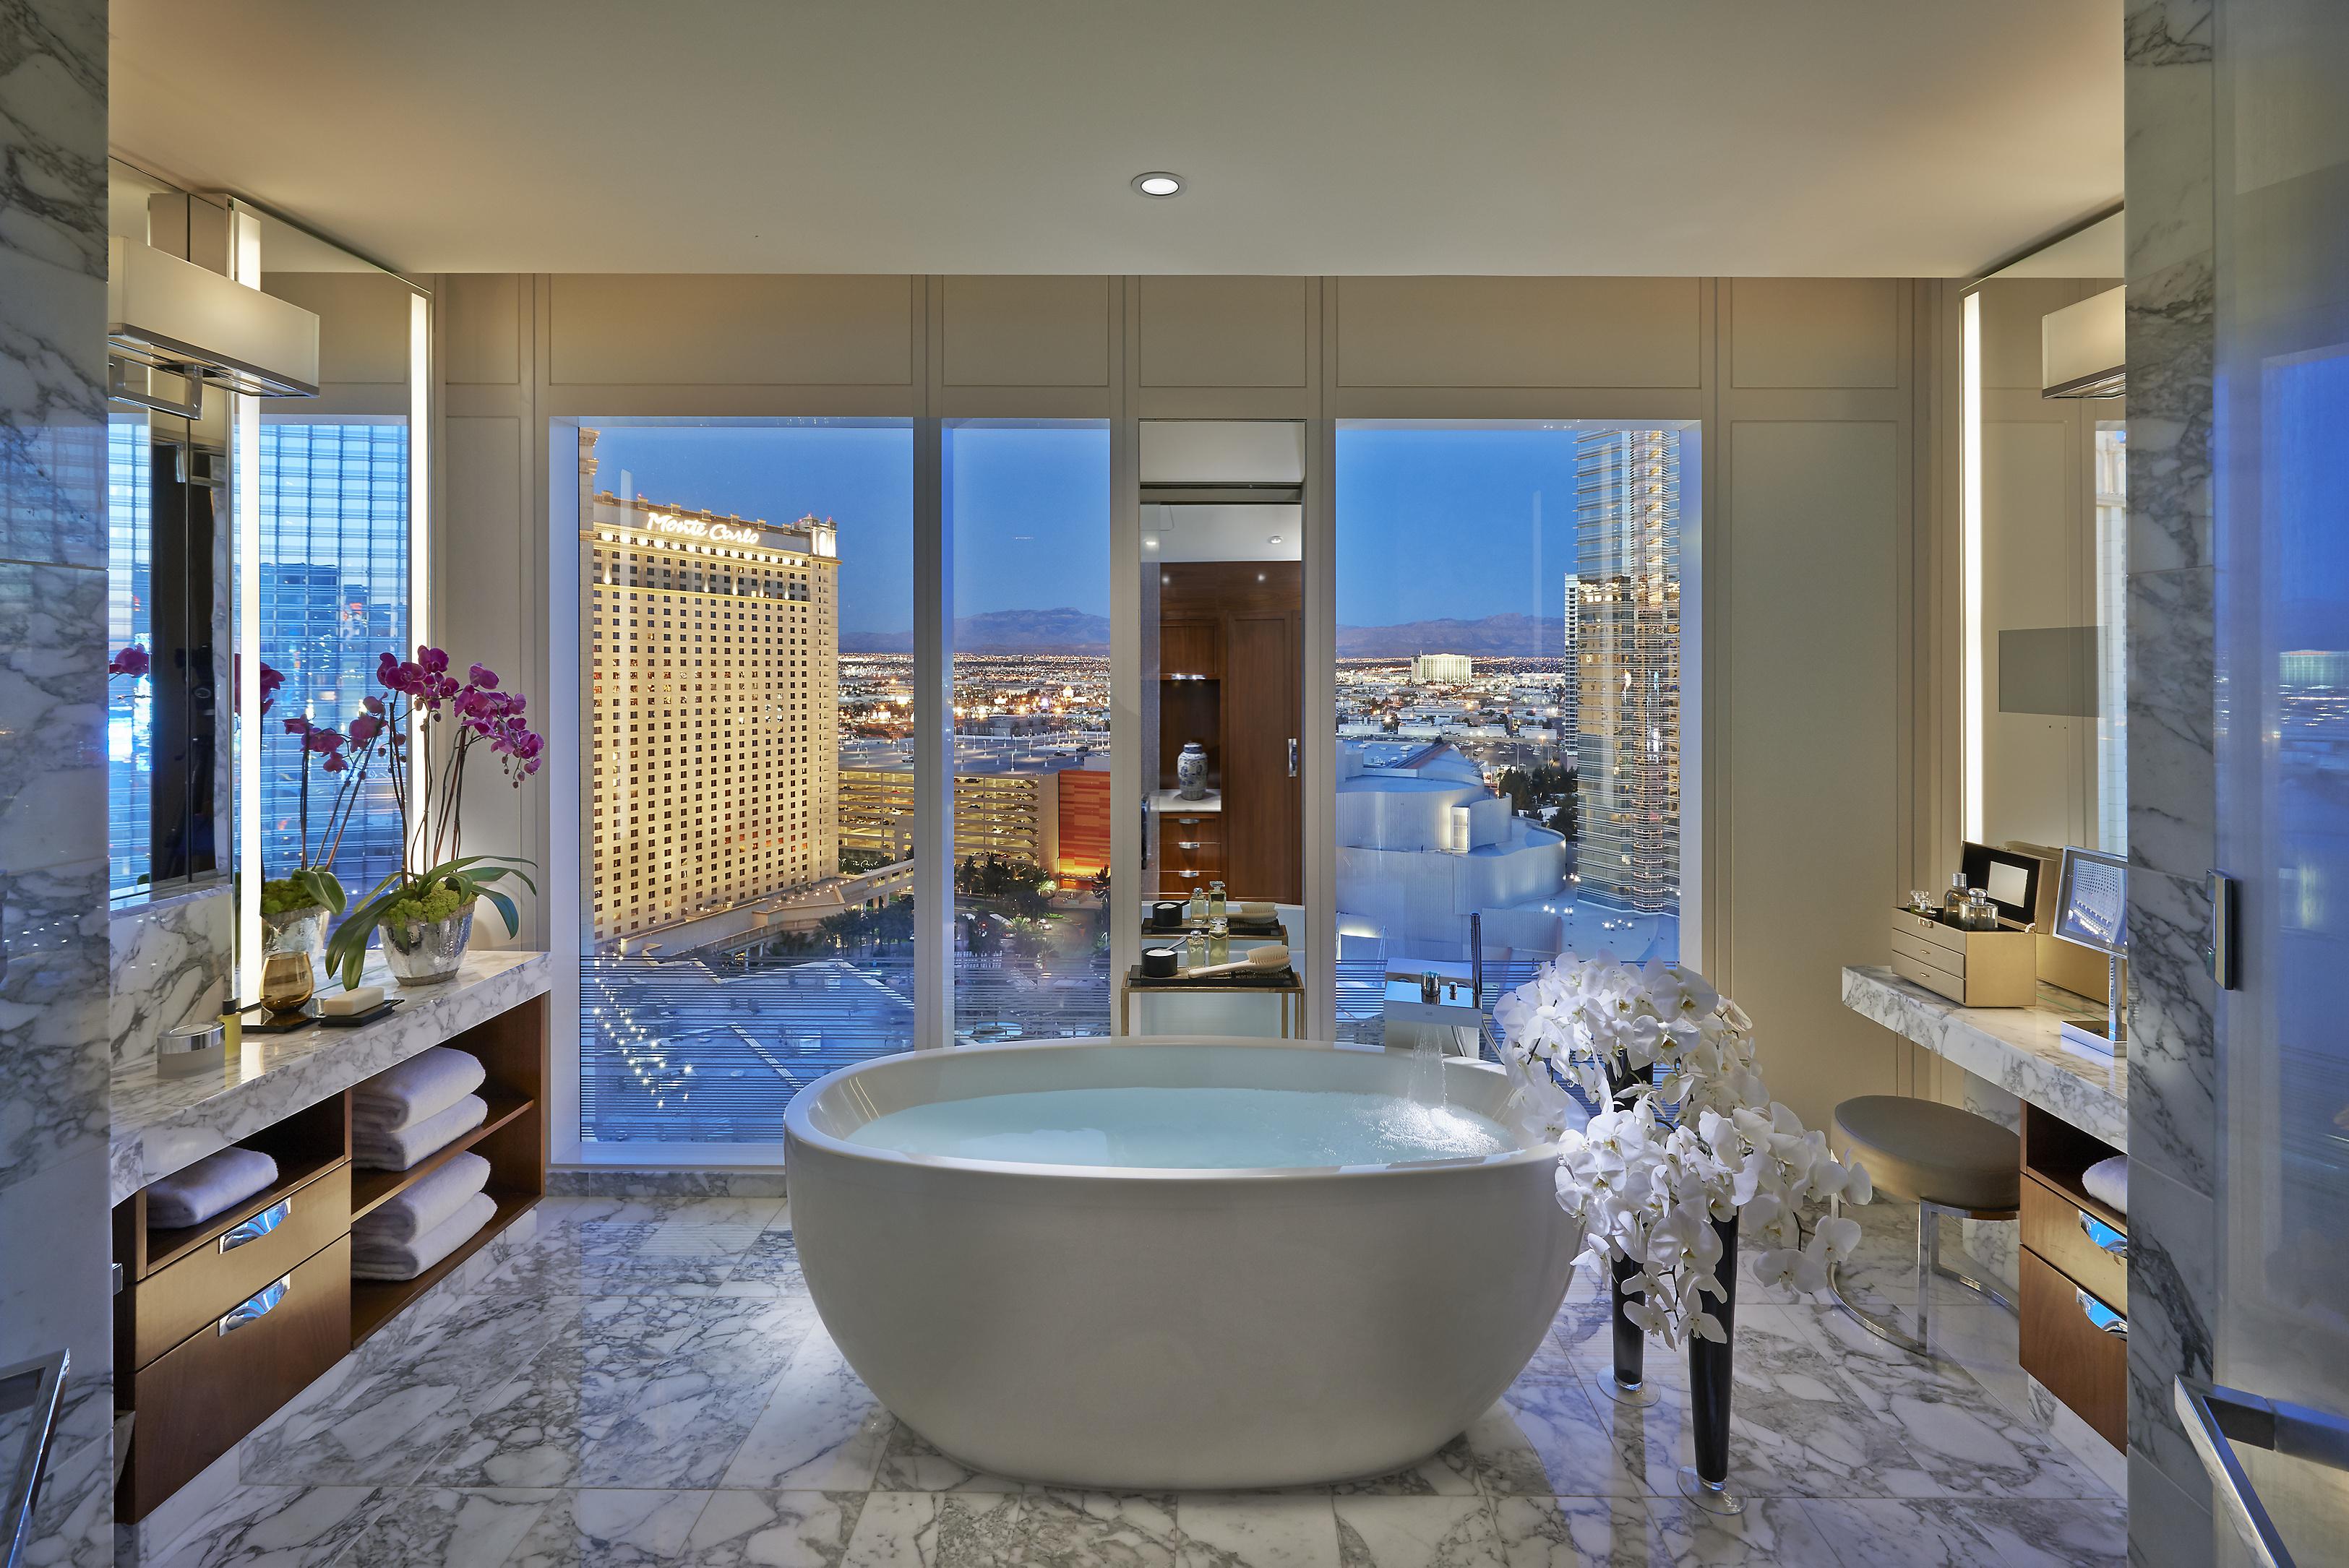 las-vegas-2014-suite-apex-suite-bathroom